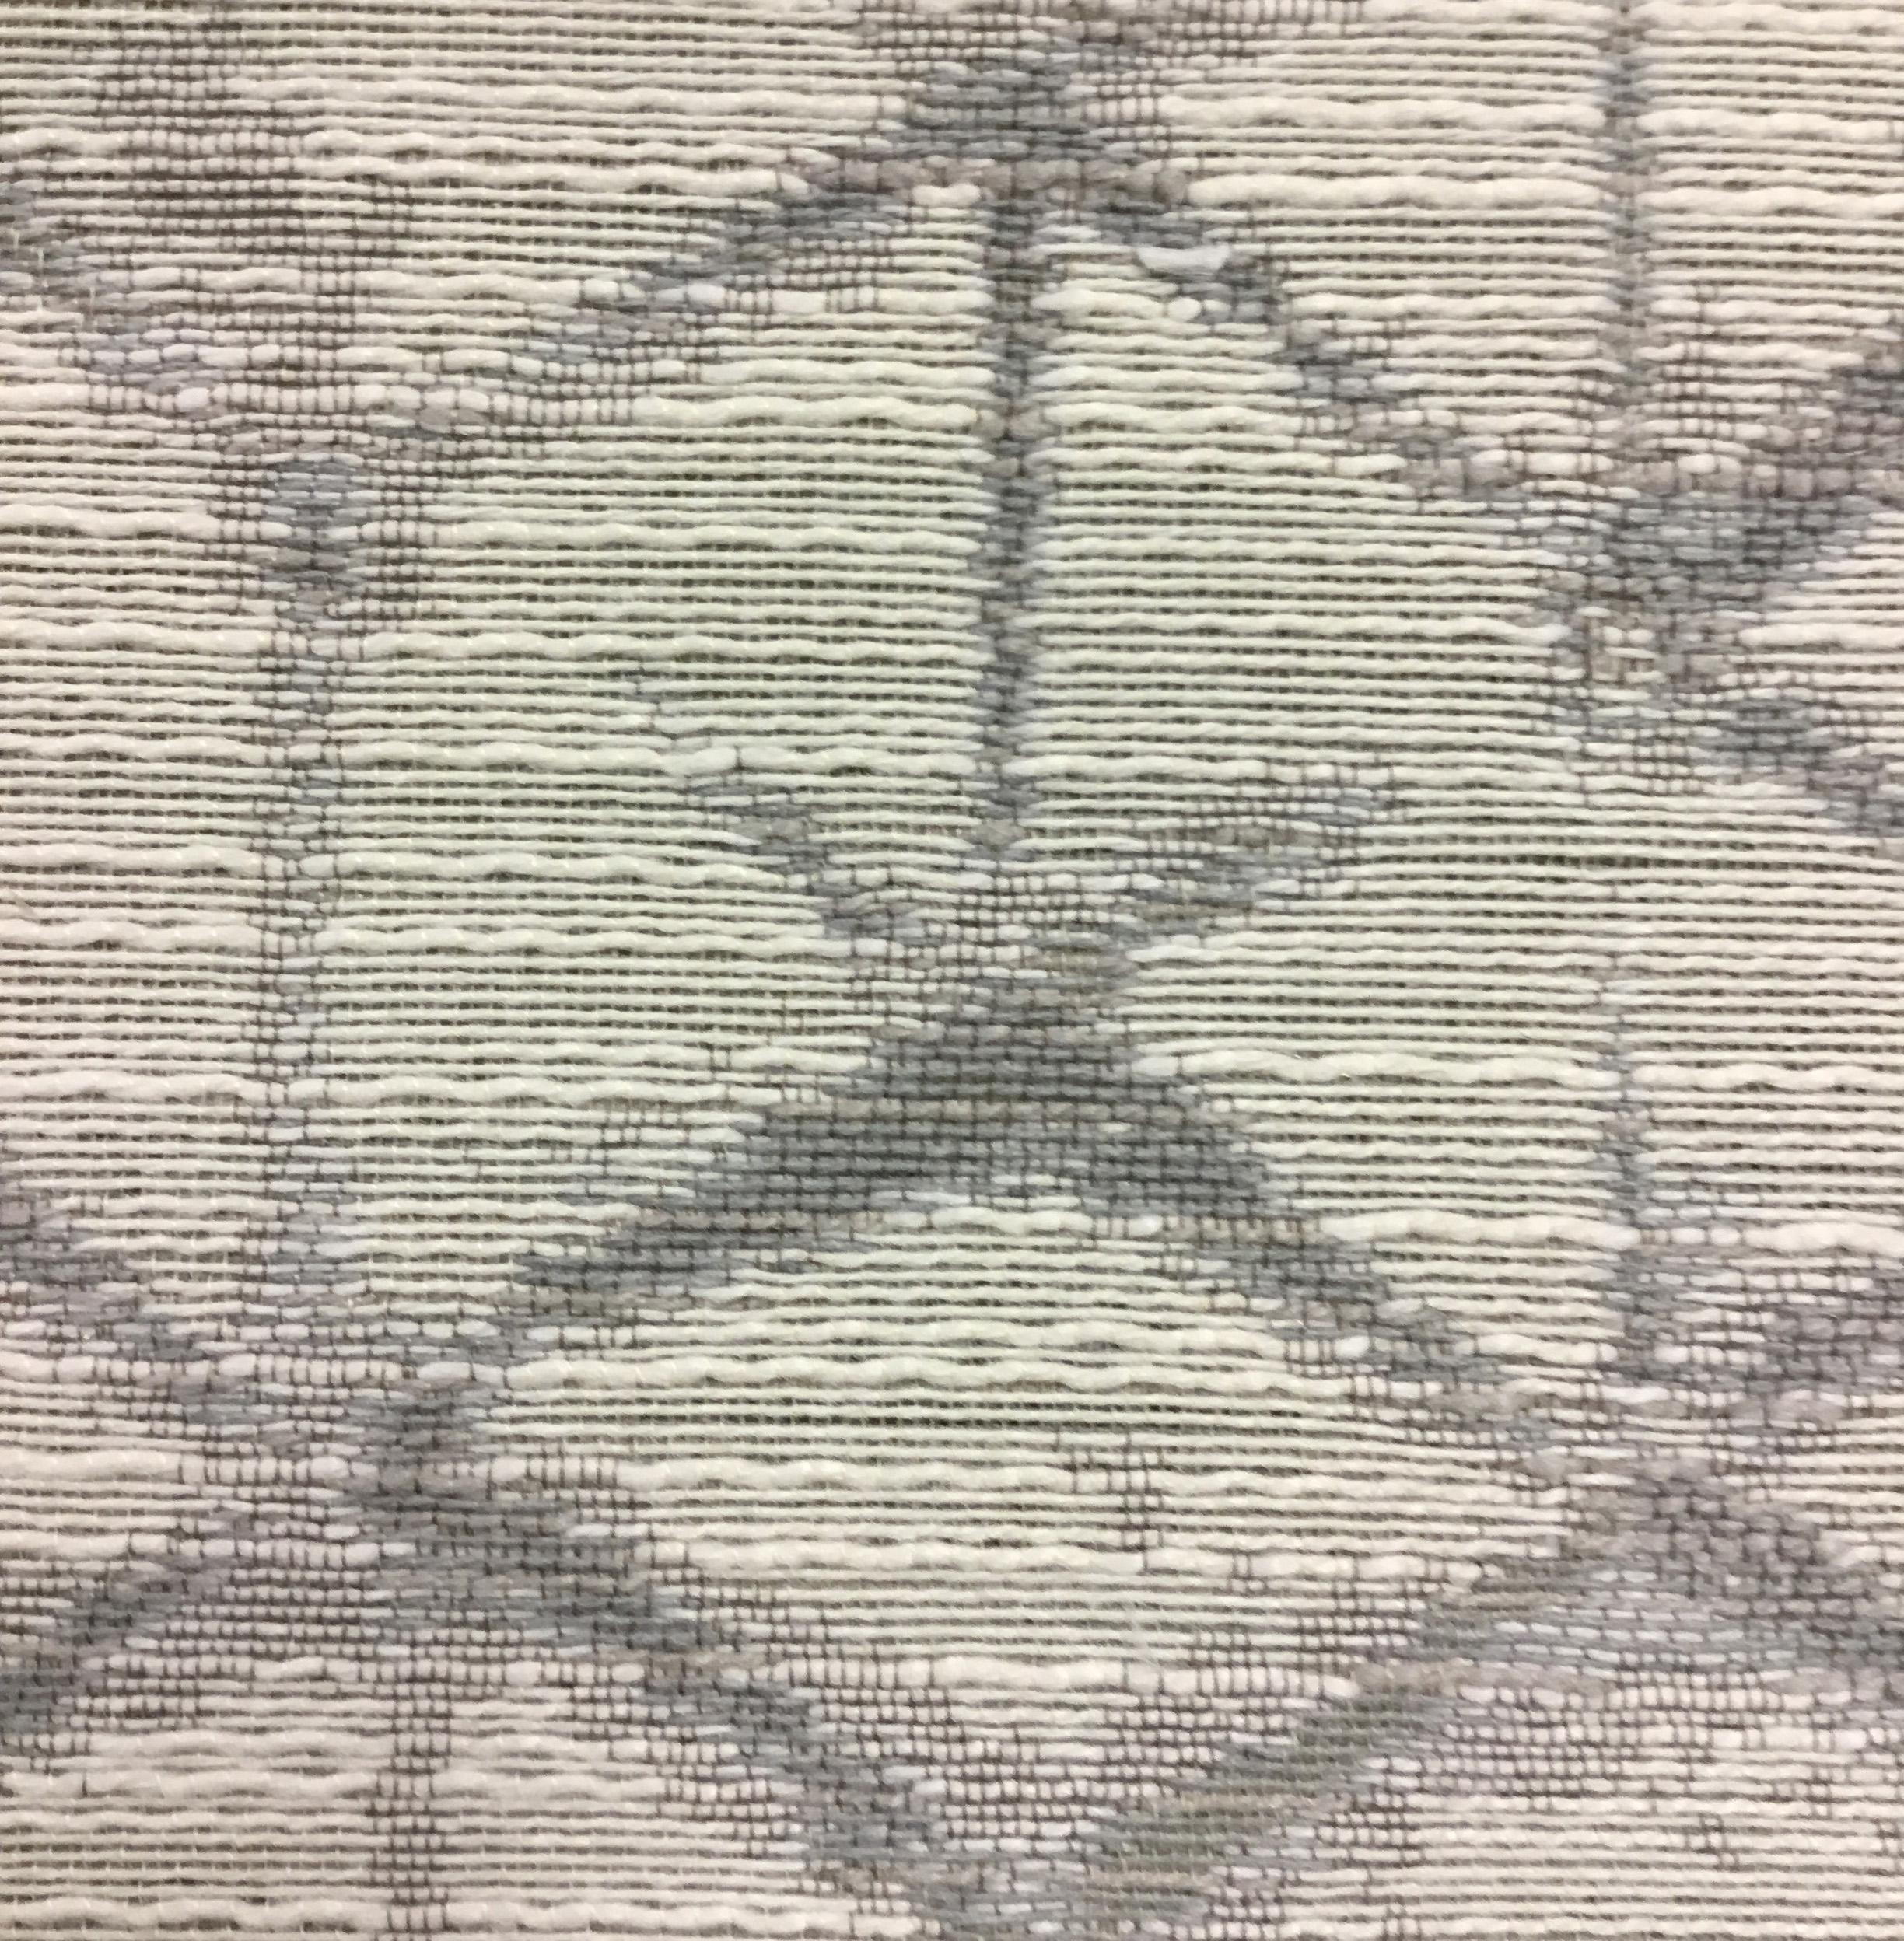 Pico Silver Fabric